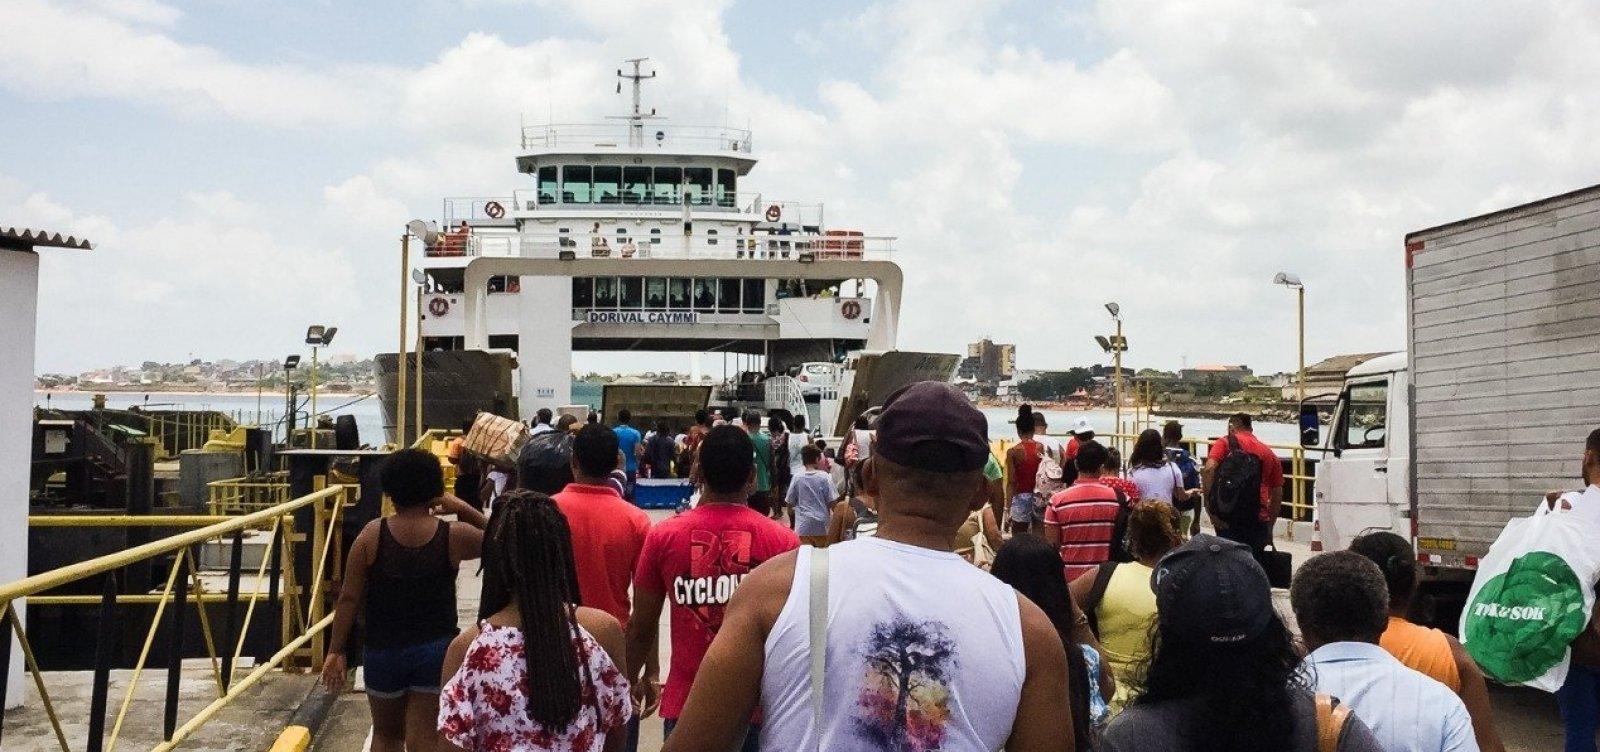 [Fila para embarque no ferry boat tem espera de 2h30]